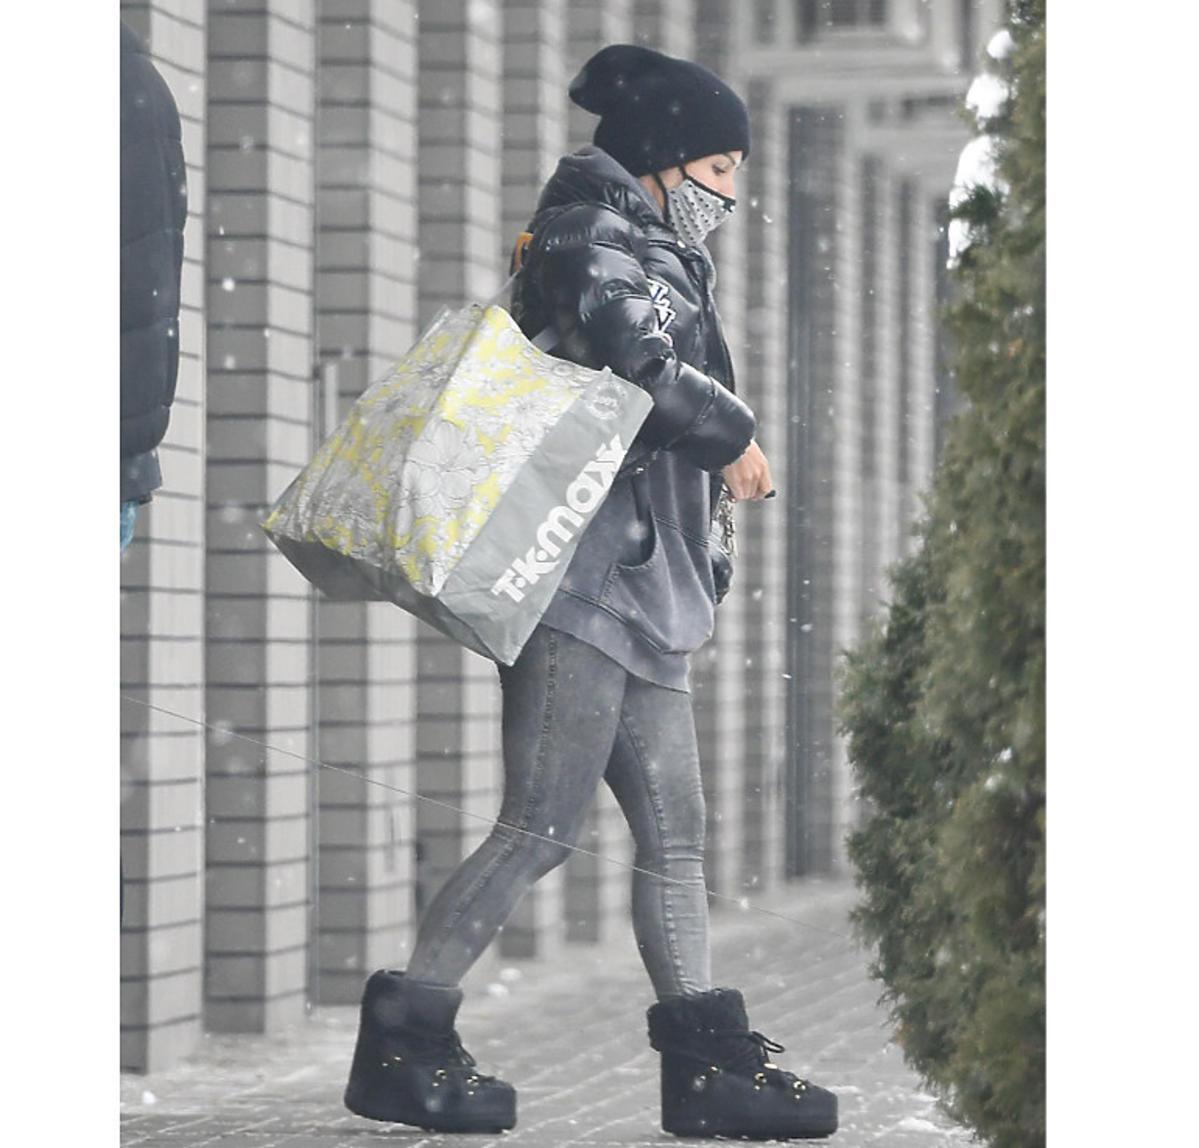 Blanka Lipińska robi zakupy w Biedronce, zdjęcia paparazzi